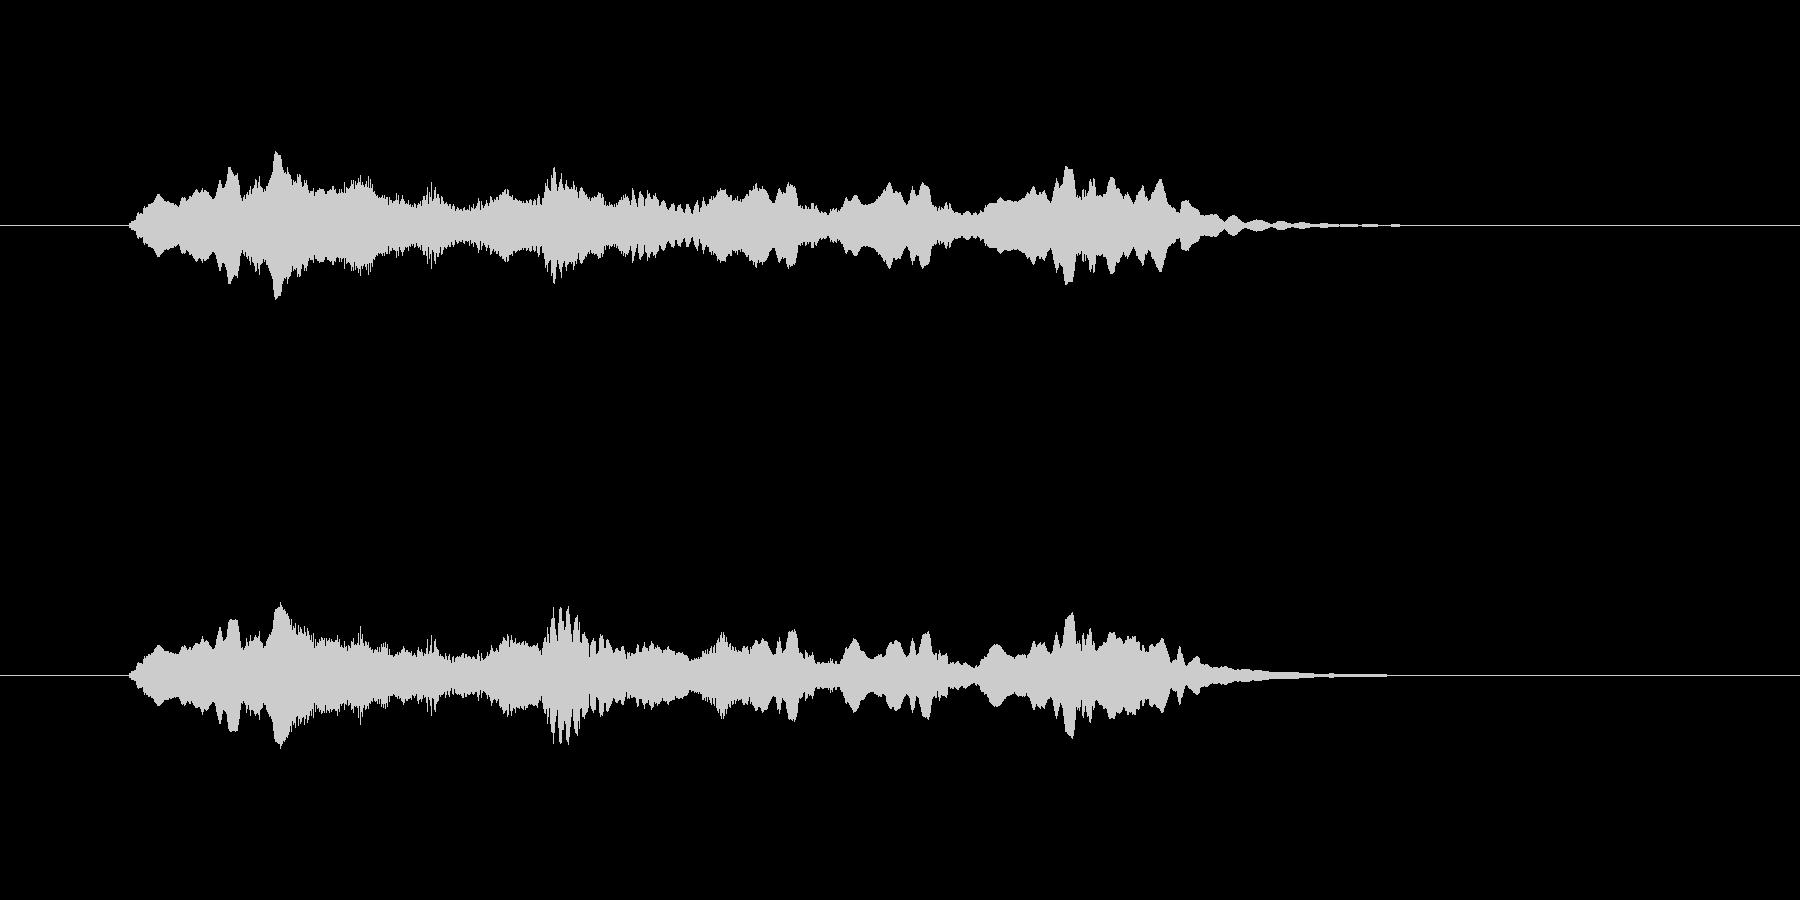 クラシック着信音の未再生の波形